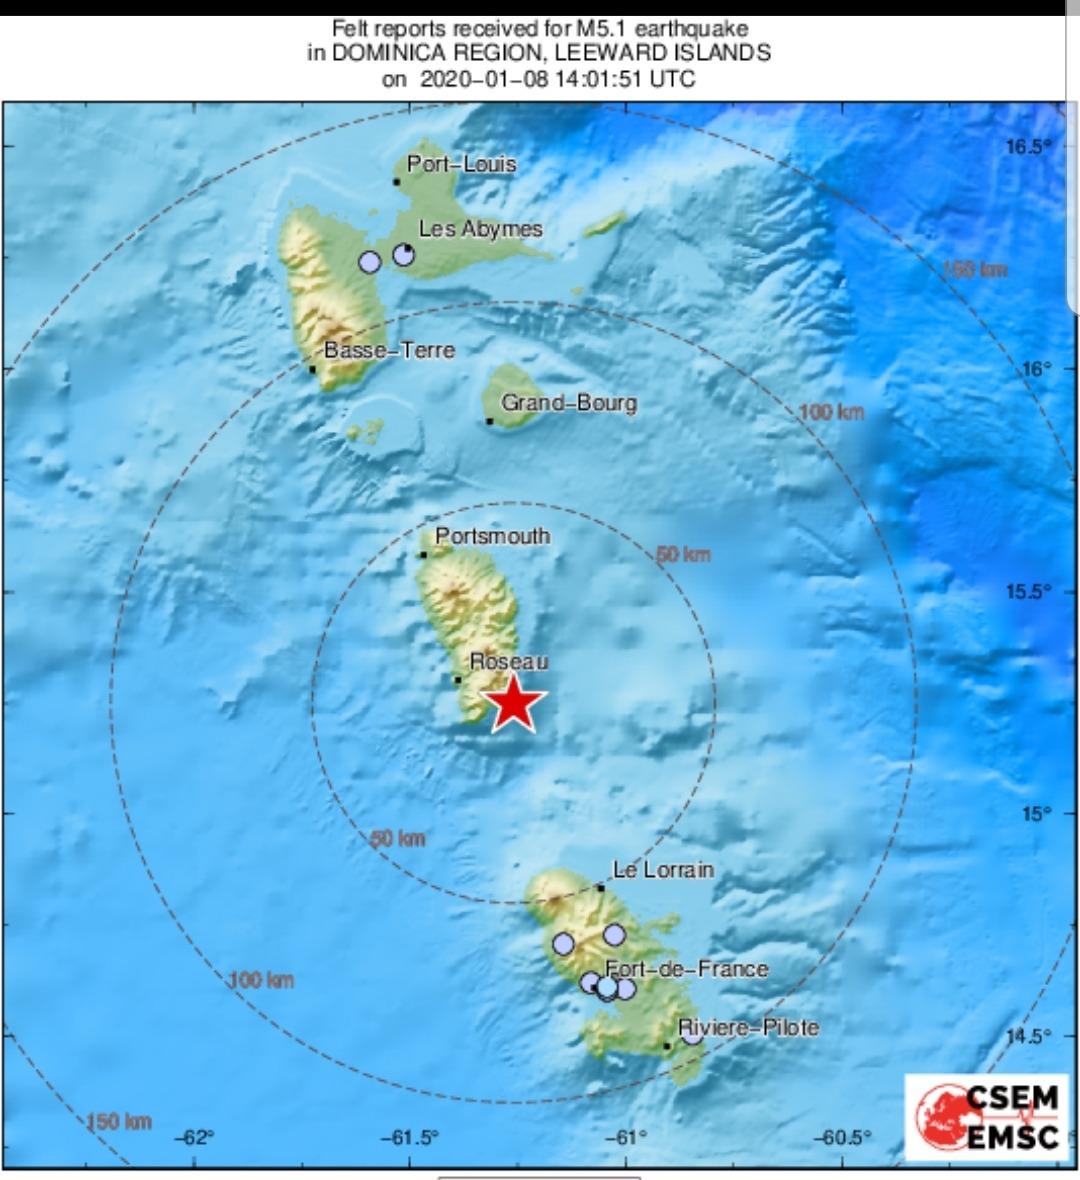 Un tremblement de terre enregistré en Martinique ce mercredi matin